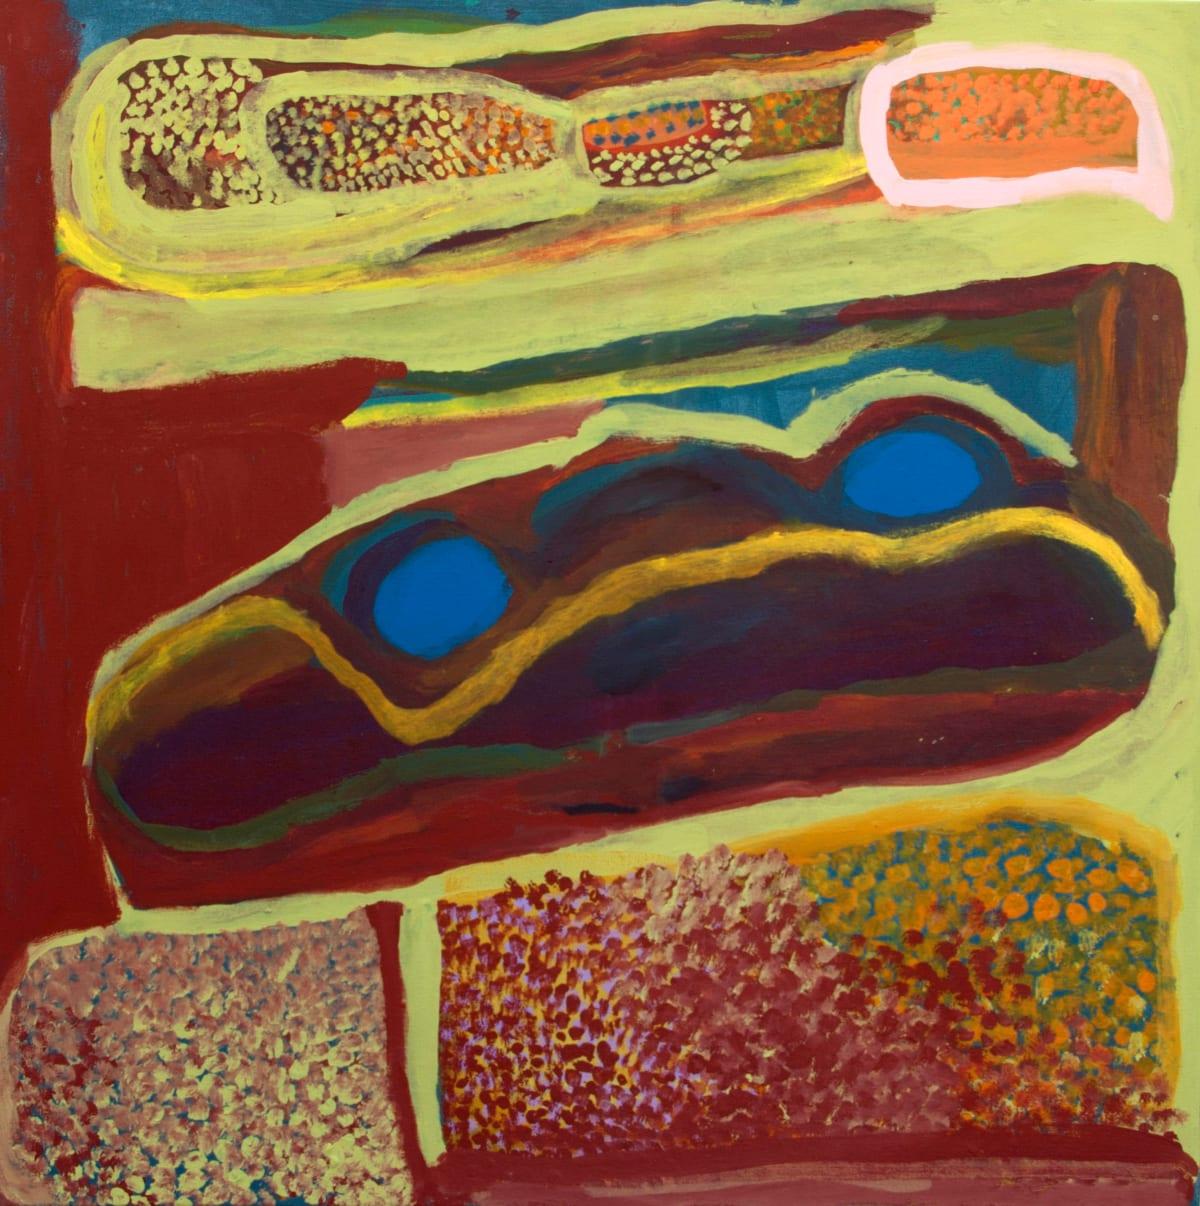 Nada ( Tjigilia) Rawlins Yimirri acrylic on canvas 90 x 90 cm